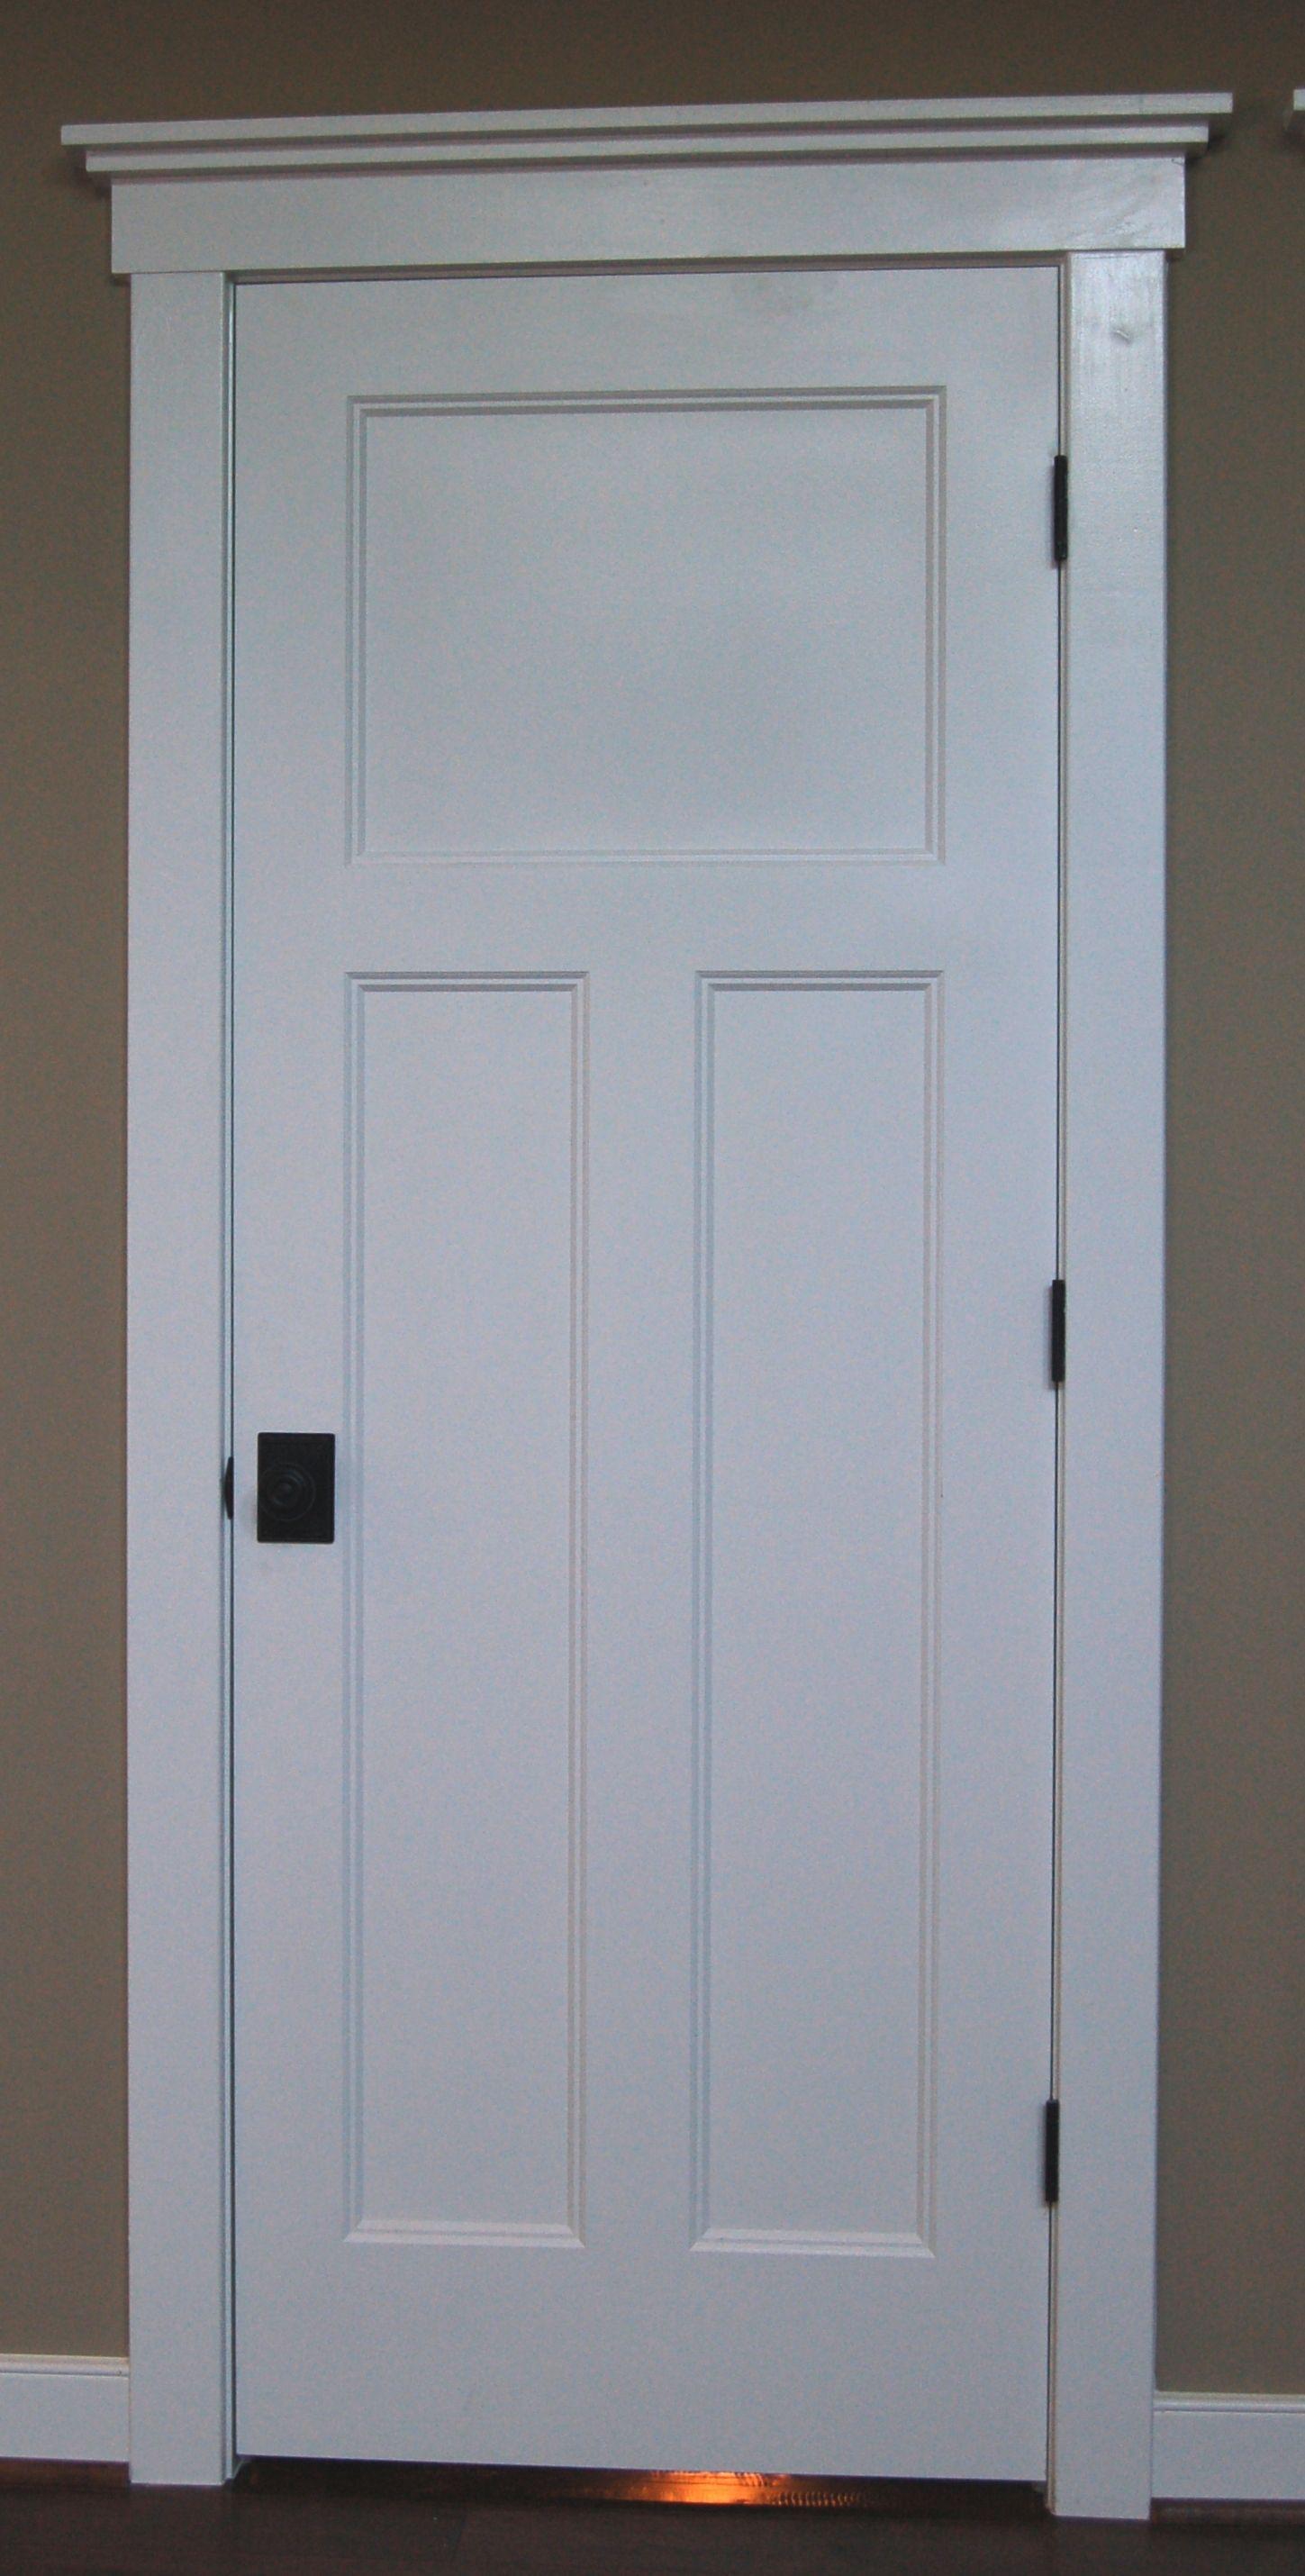 Marvelous interior door trim styles craftsman style doors also rh pinterest